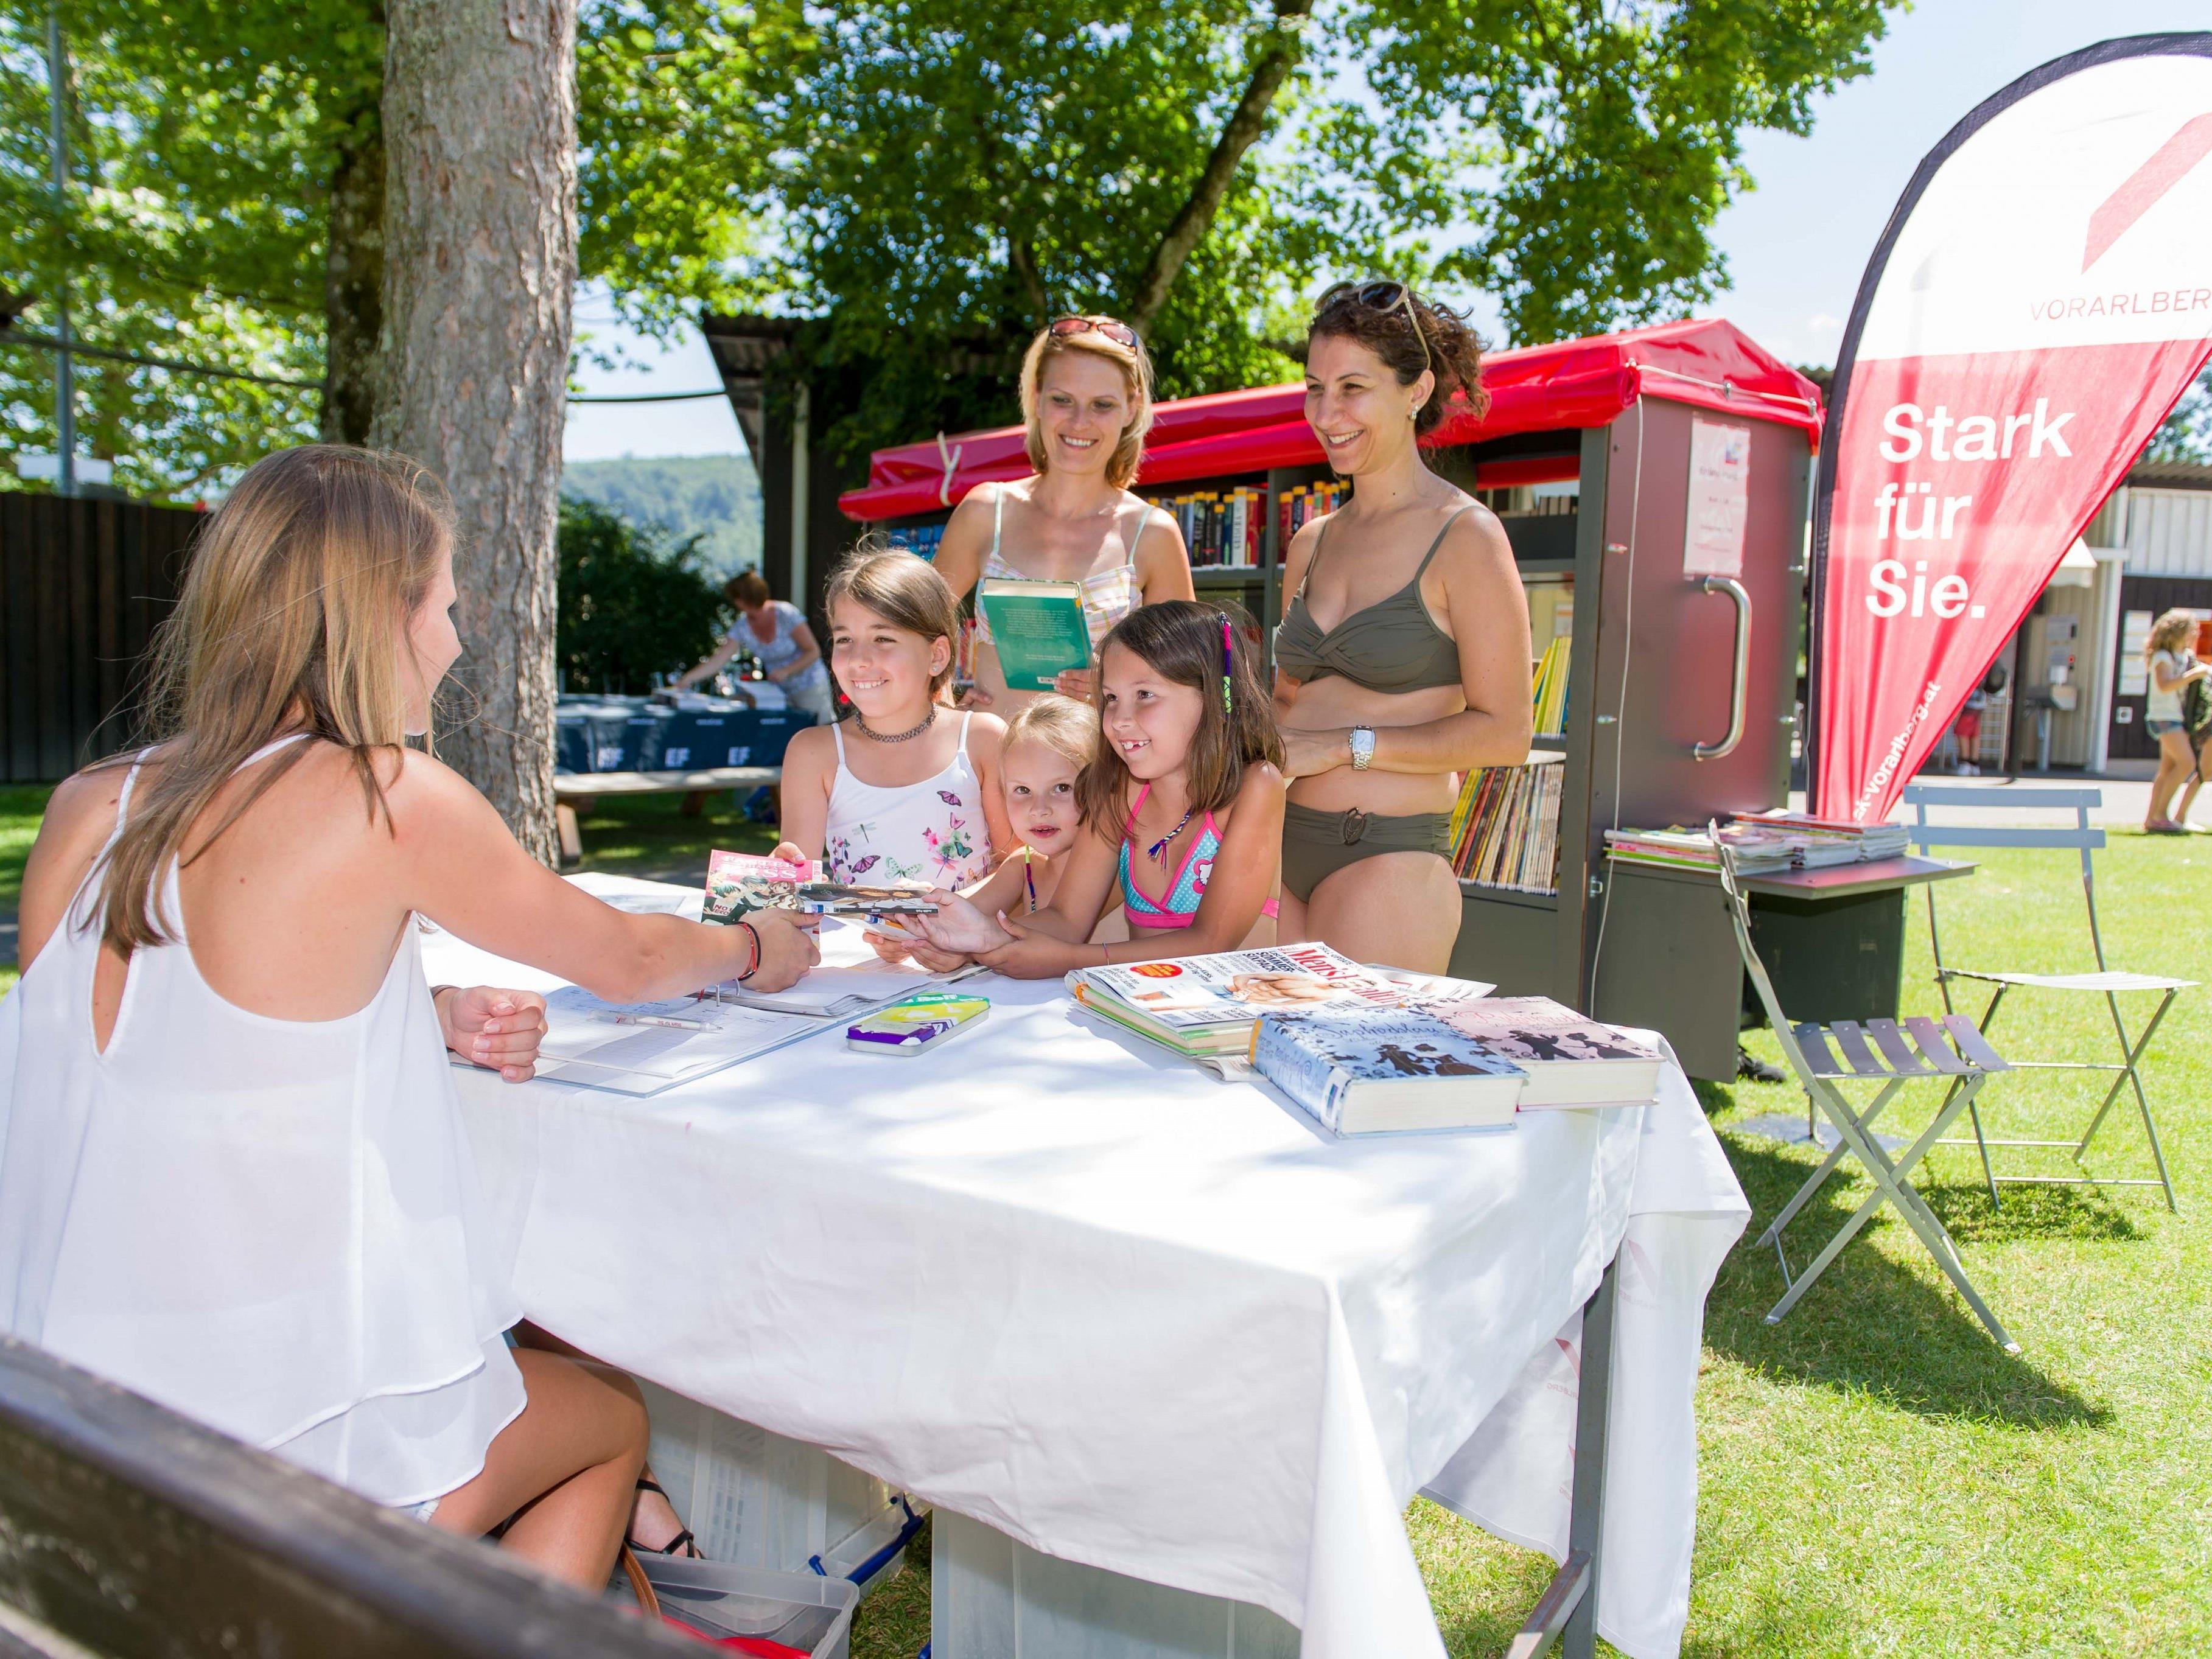 AK-Bade-Buch: Sommerlicher Lesespaß für Kinder und Erwachsene, täglich im Waldbad Feldkirch.